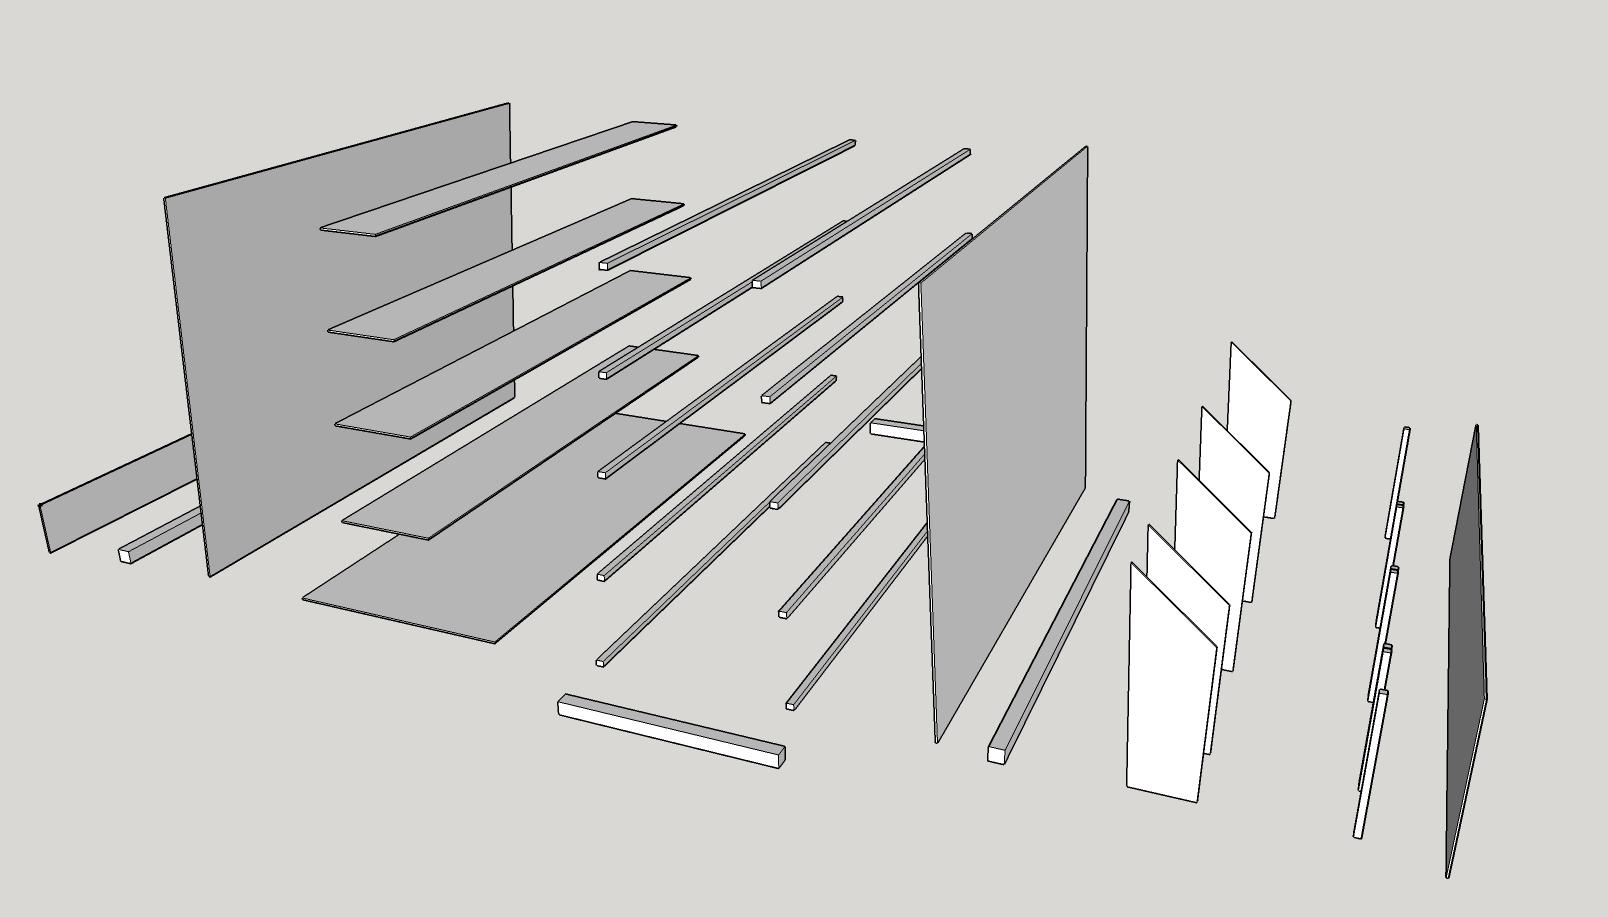 Holzwagen_Explosionszeichnung